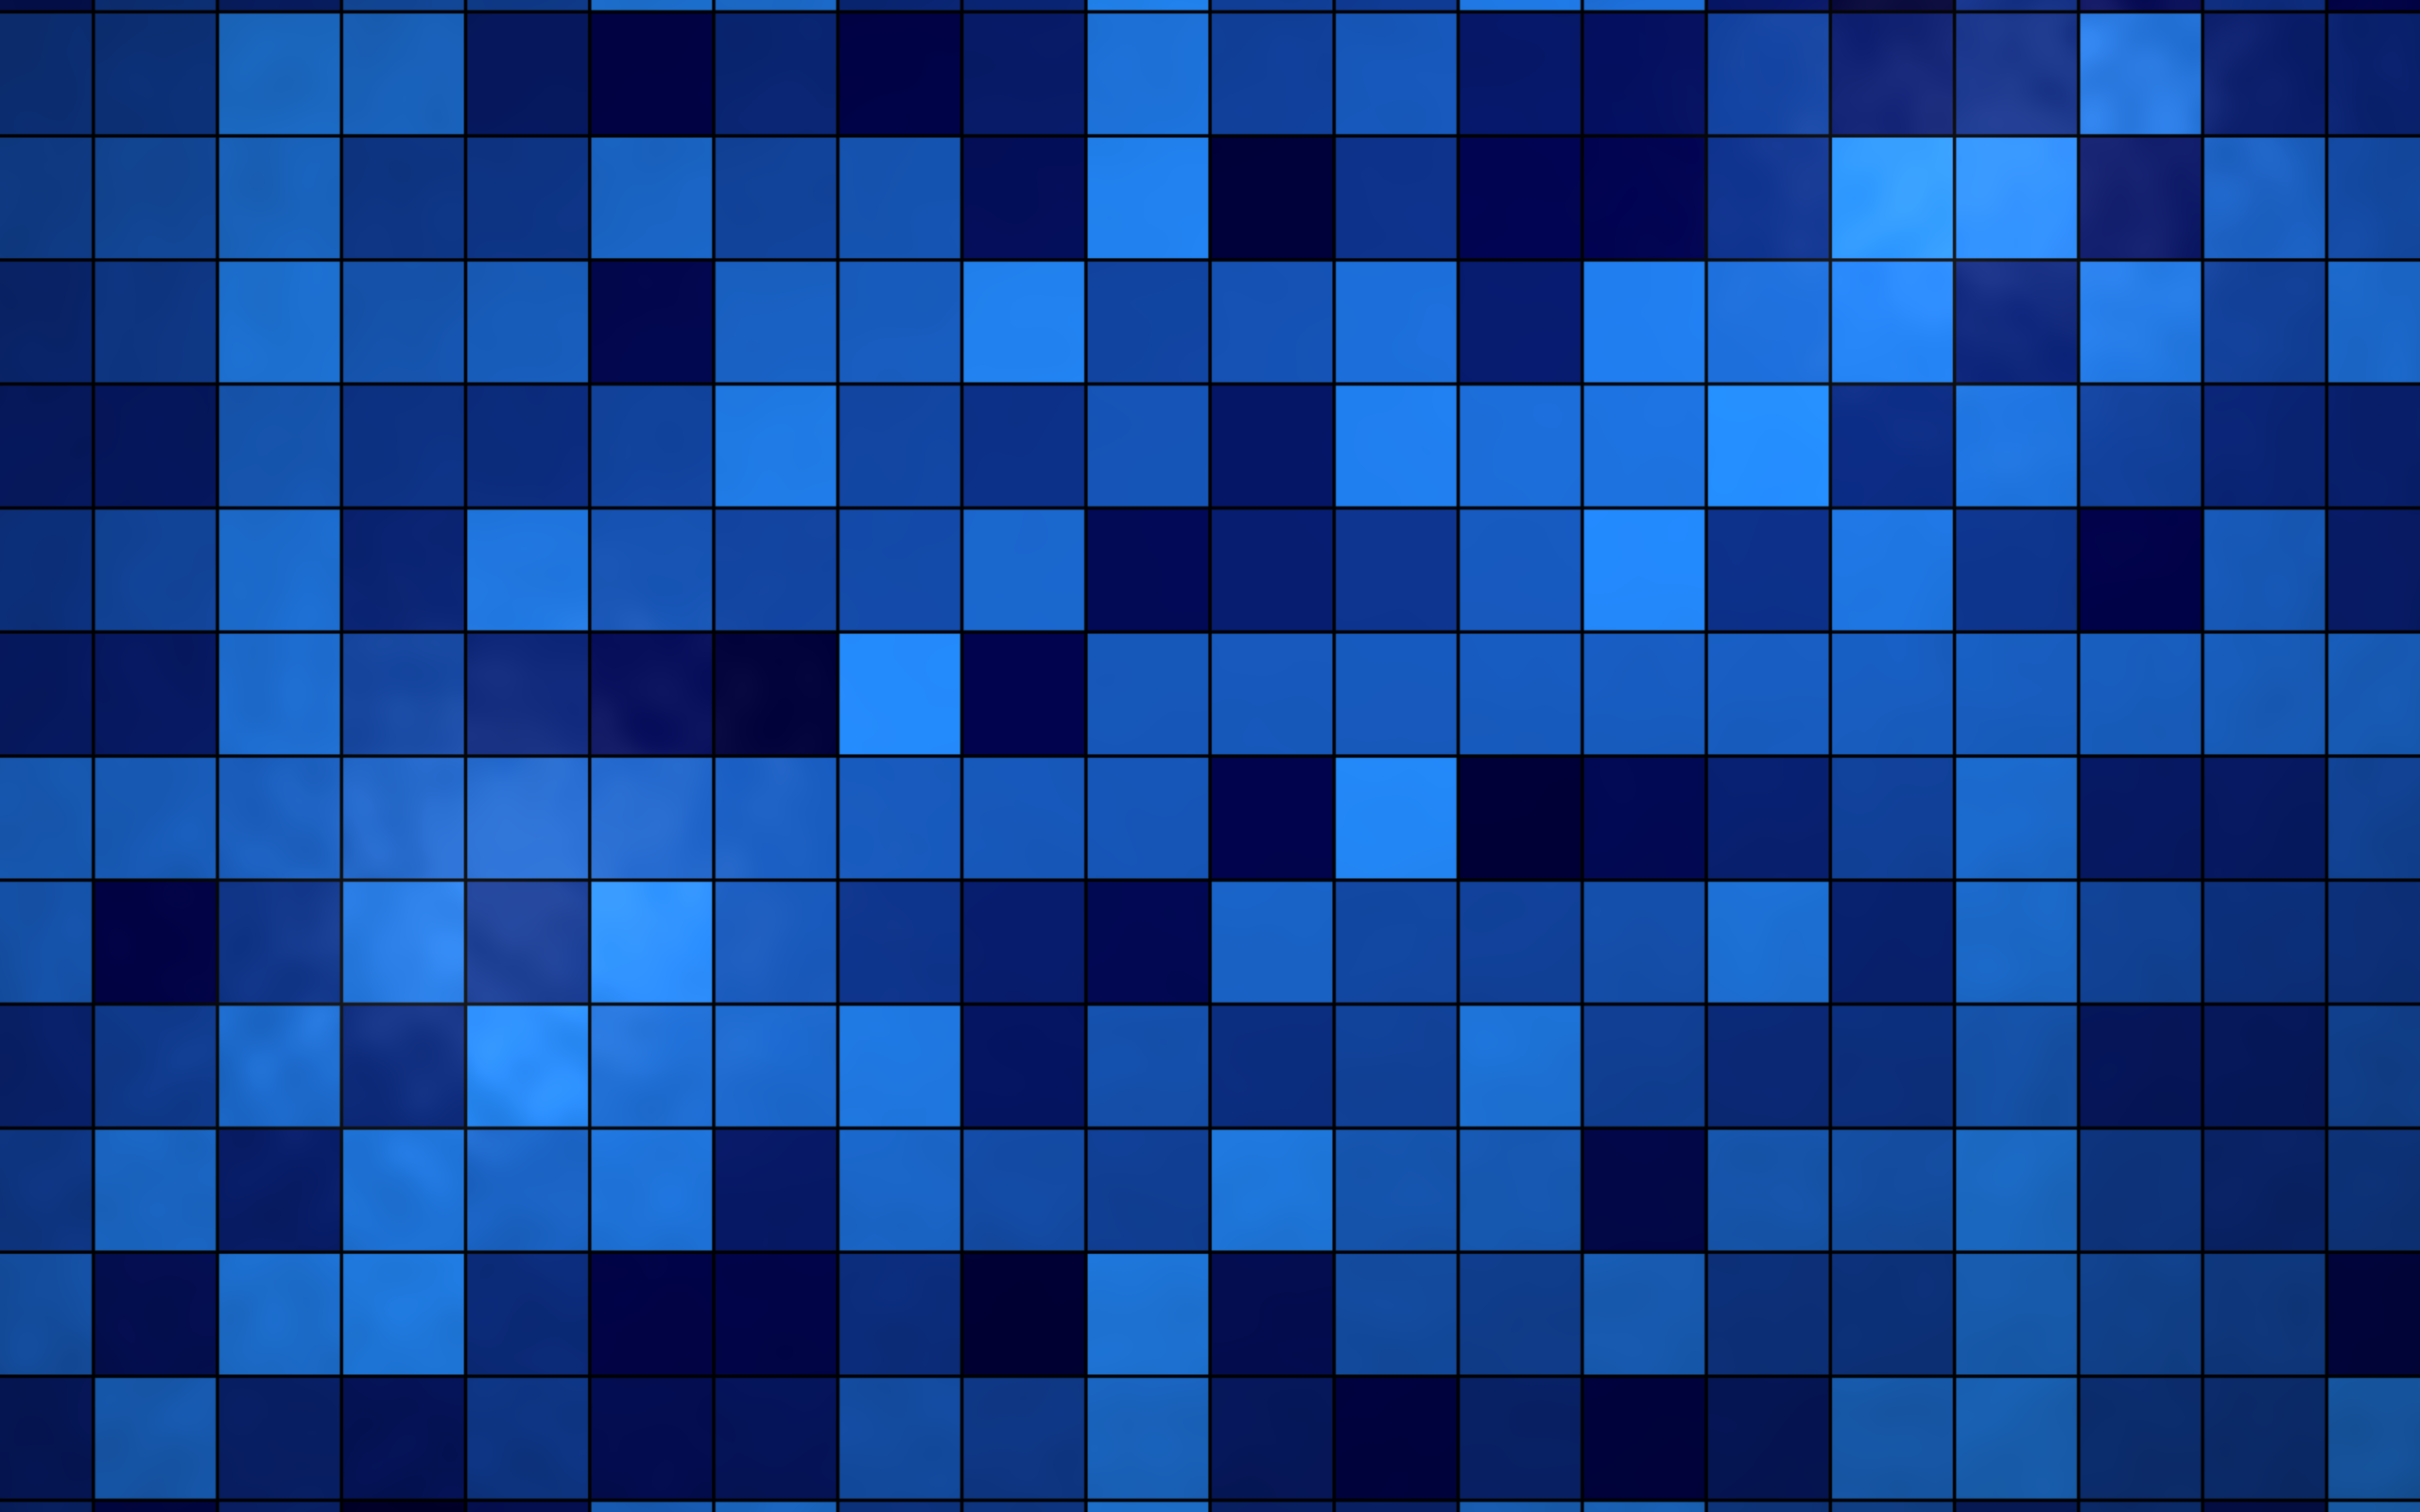 Картинки с квадратами на фоне